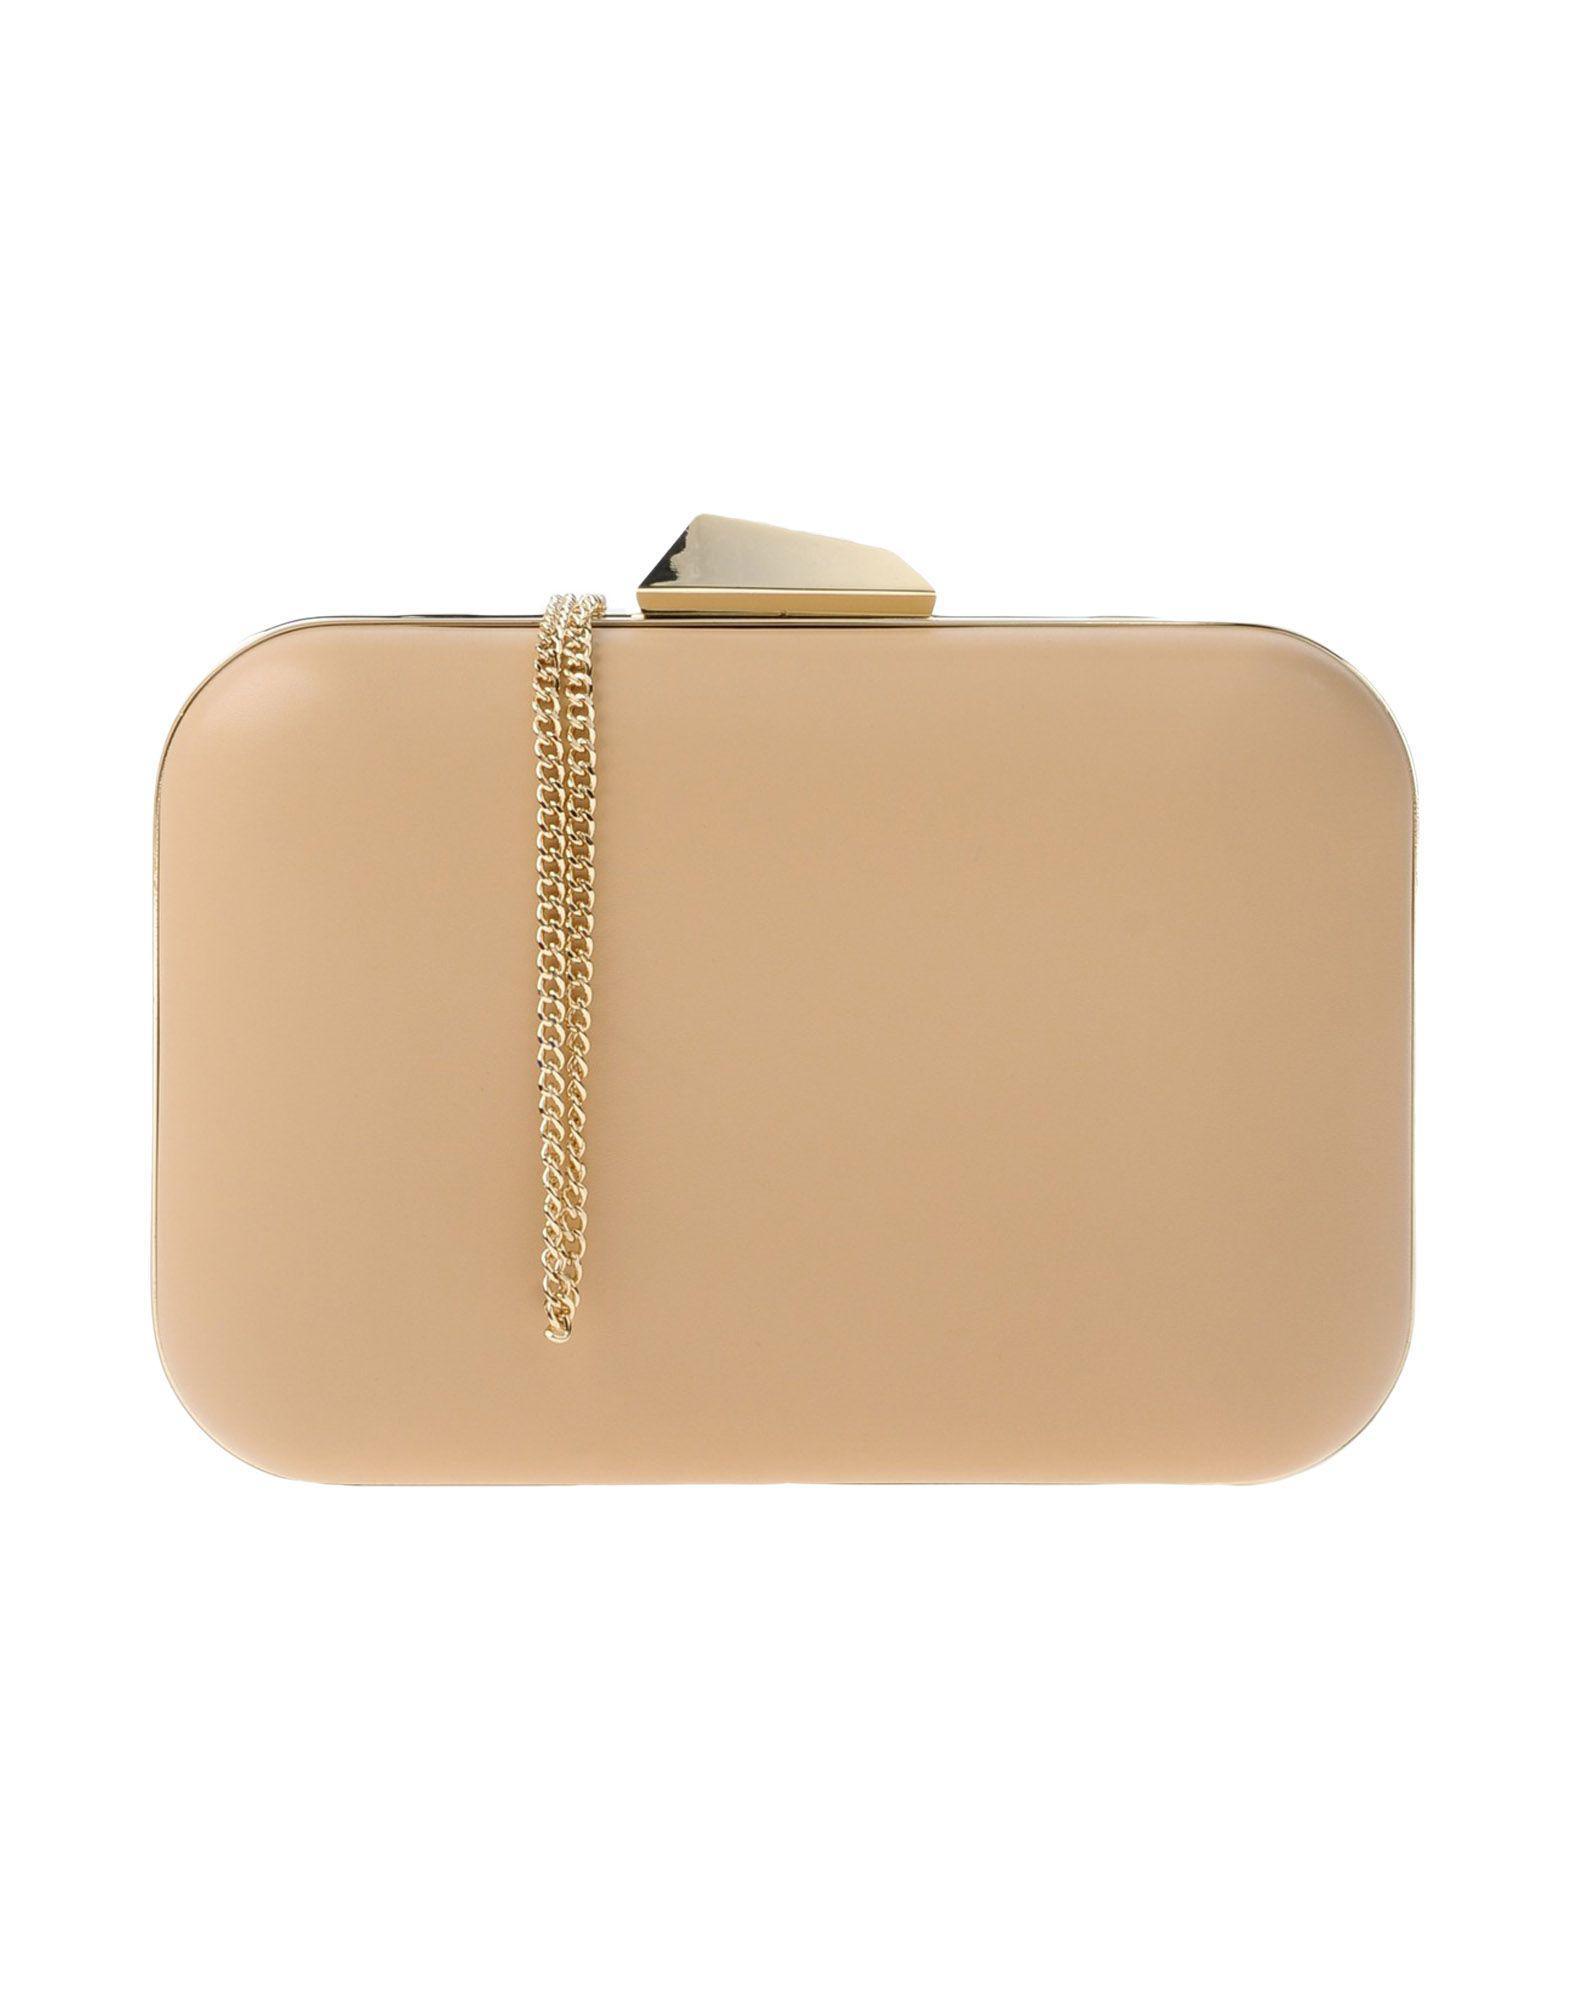 BAGS - Handbags Olga Berg F1hLbCzV